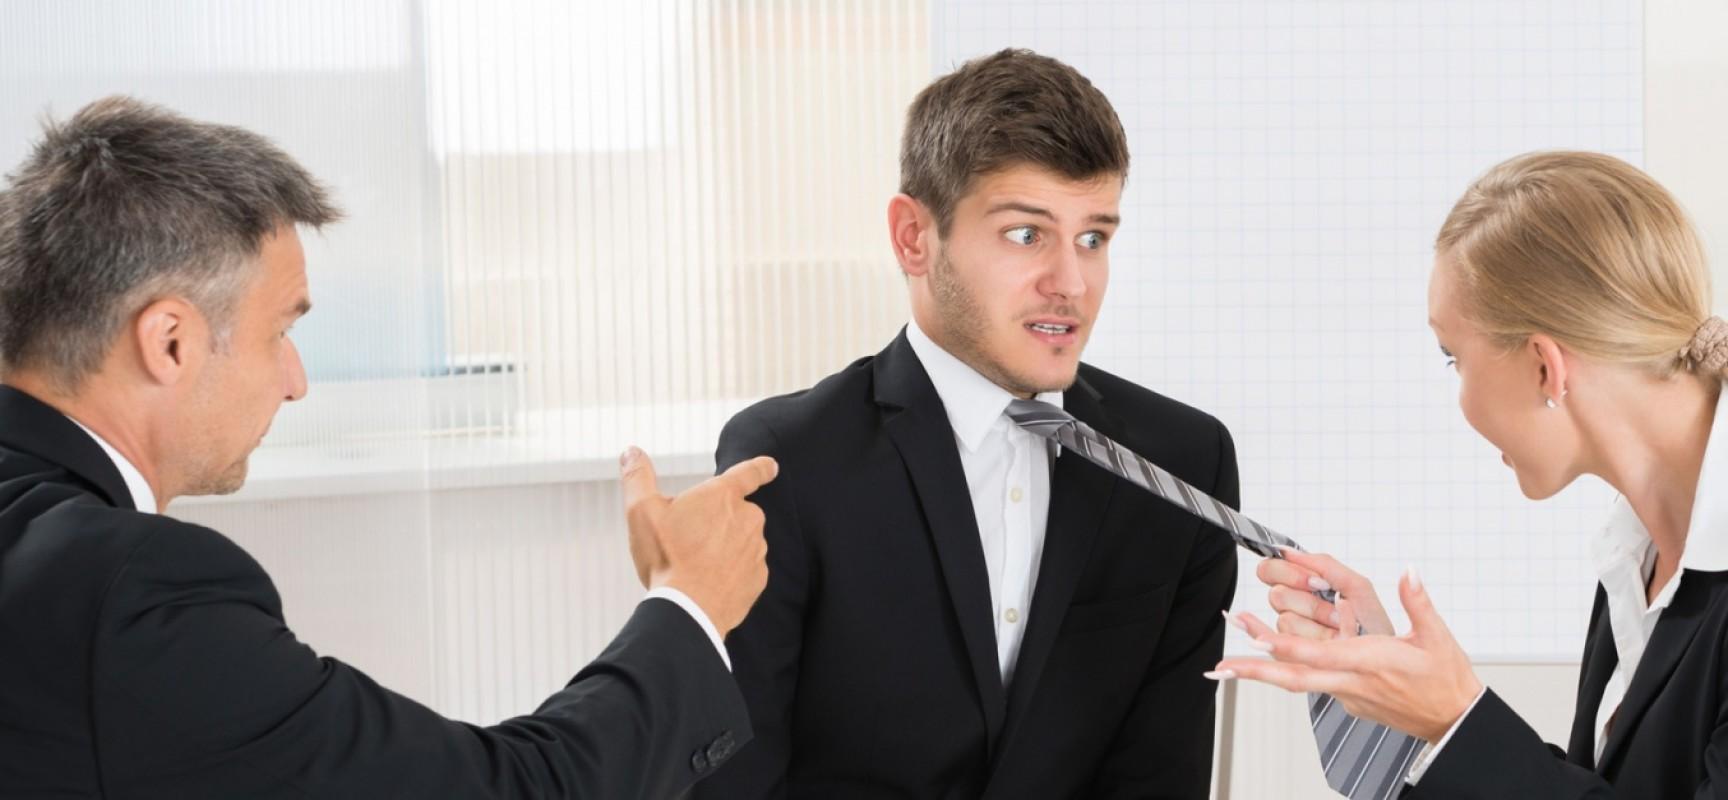 Порядок рассмотрения индивидуальных трудовых споров